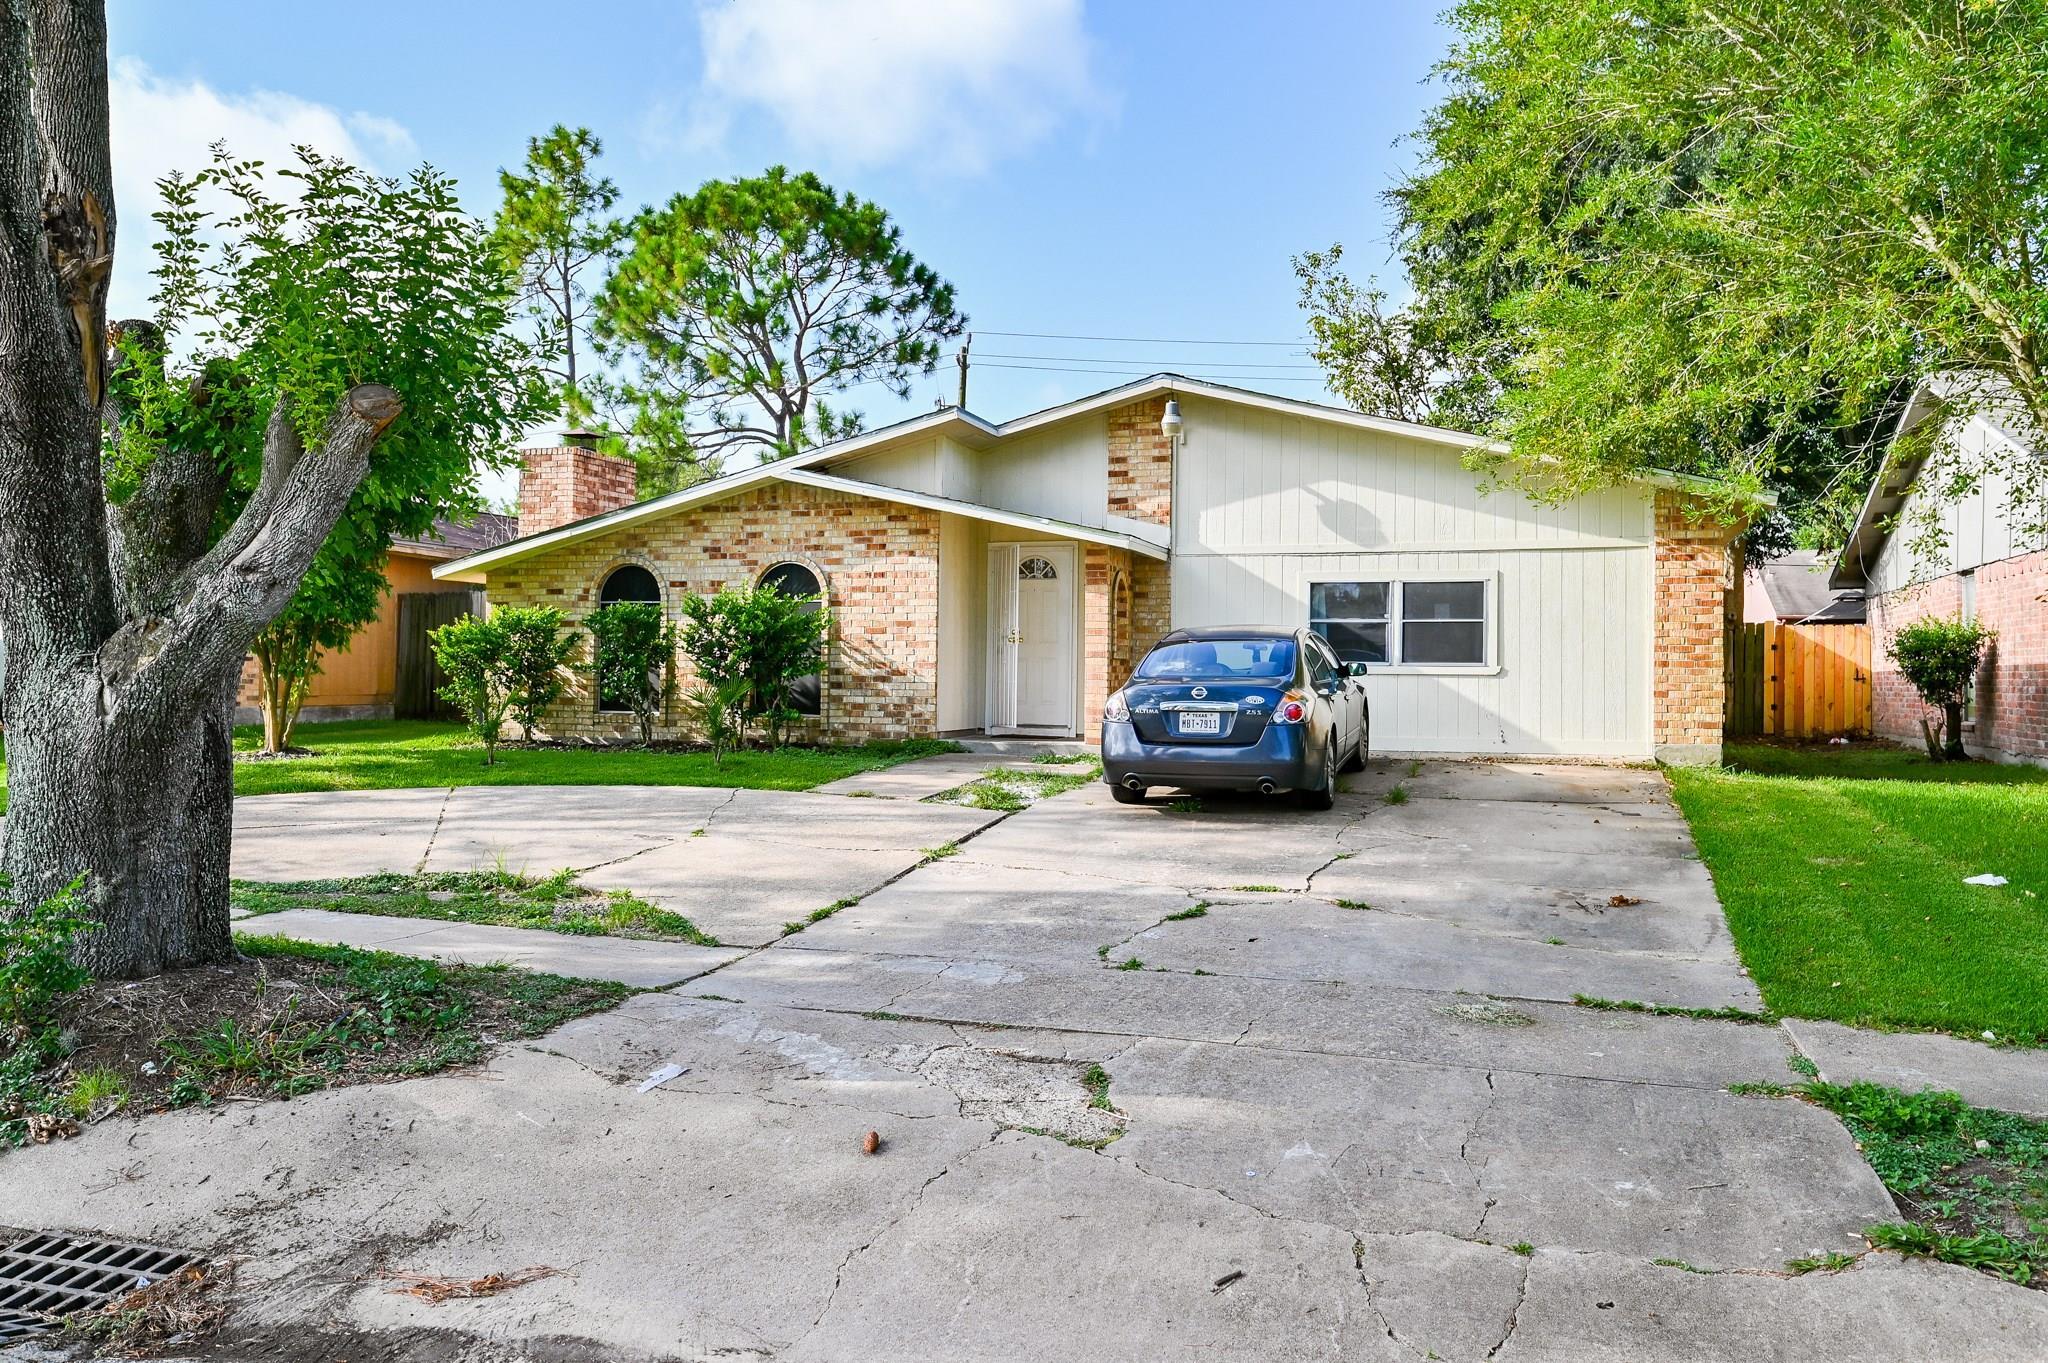 6123 W Ridgecreek Drive Property Photo - Houston, TX real estate listing